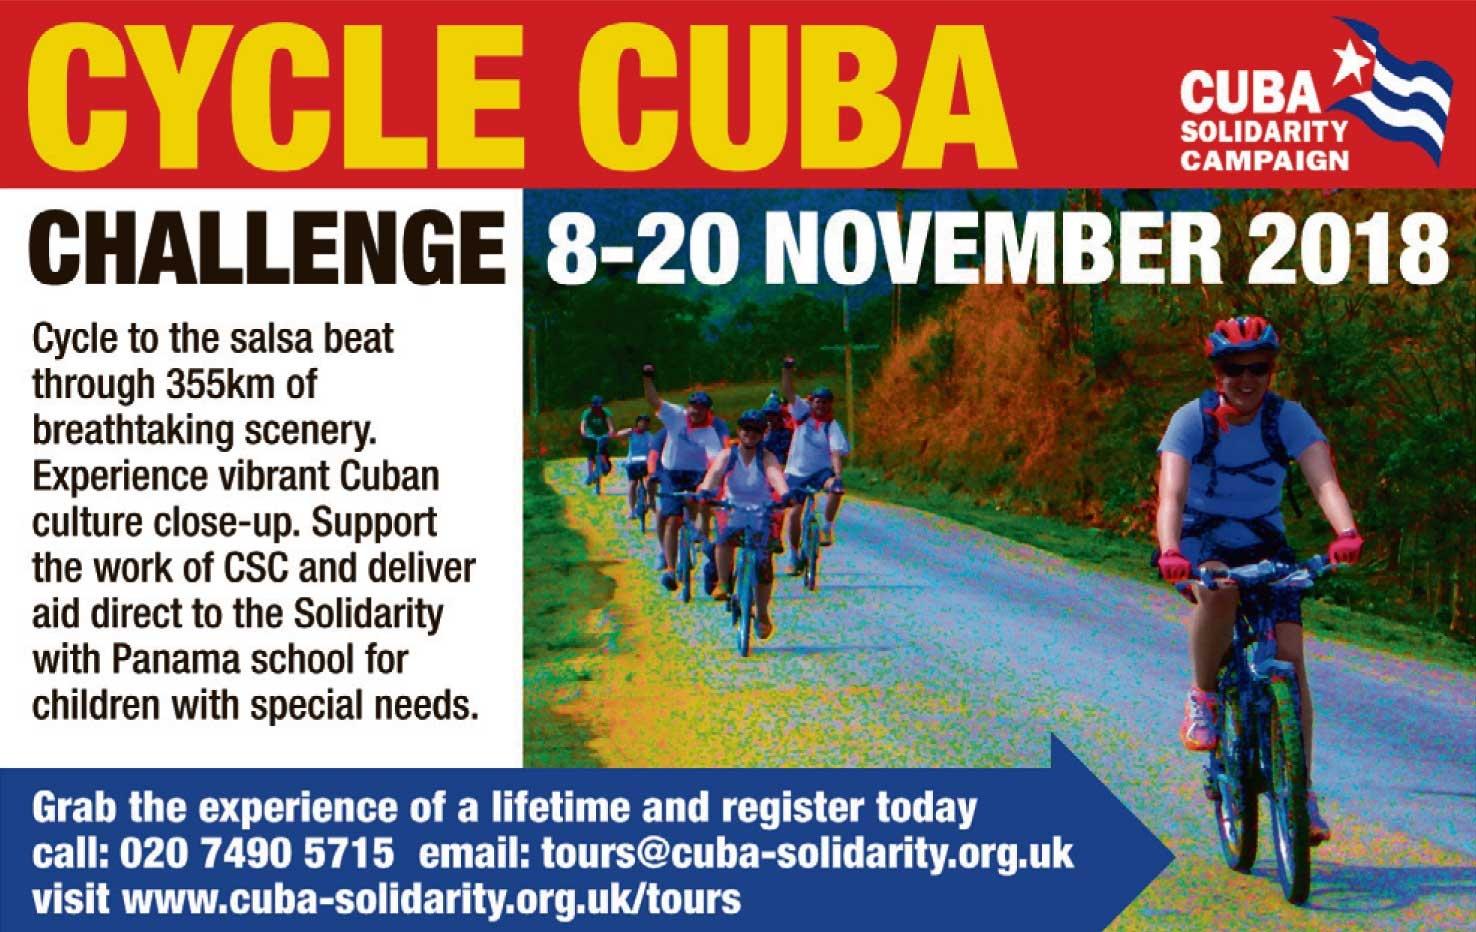 Cuba Cycle Callenge 2018